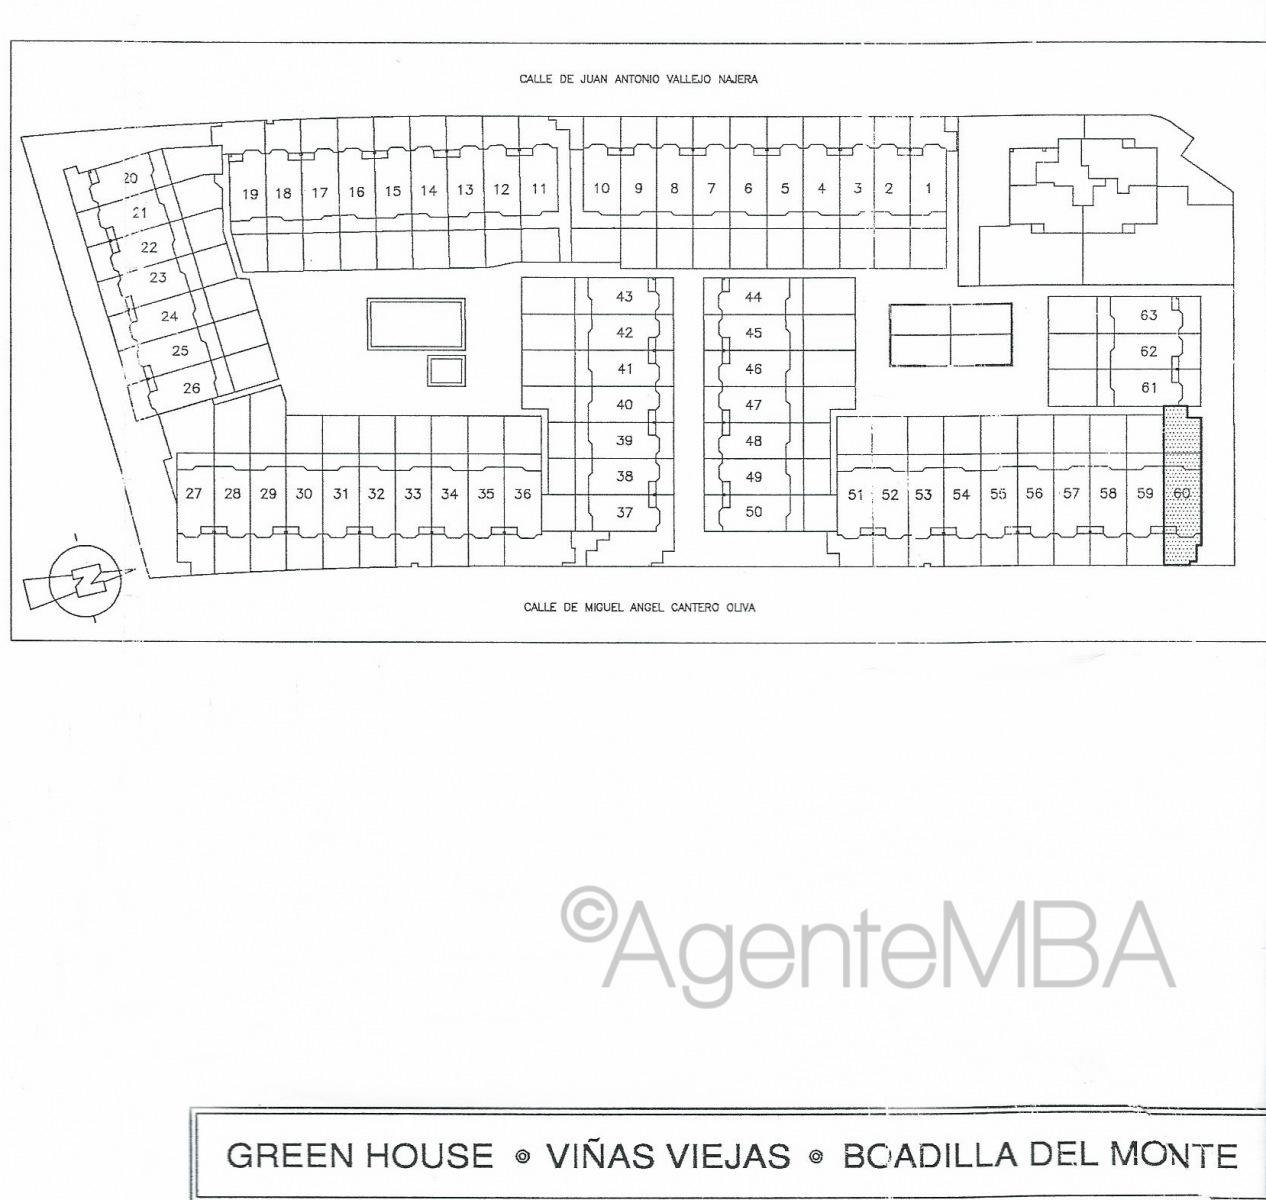 35-chalet-pareado-boadilla-del-monte-Conjunto-residencial-Miguel-Angel-Cantero-Oliva